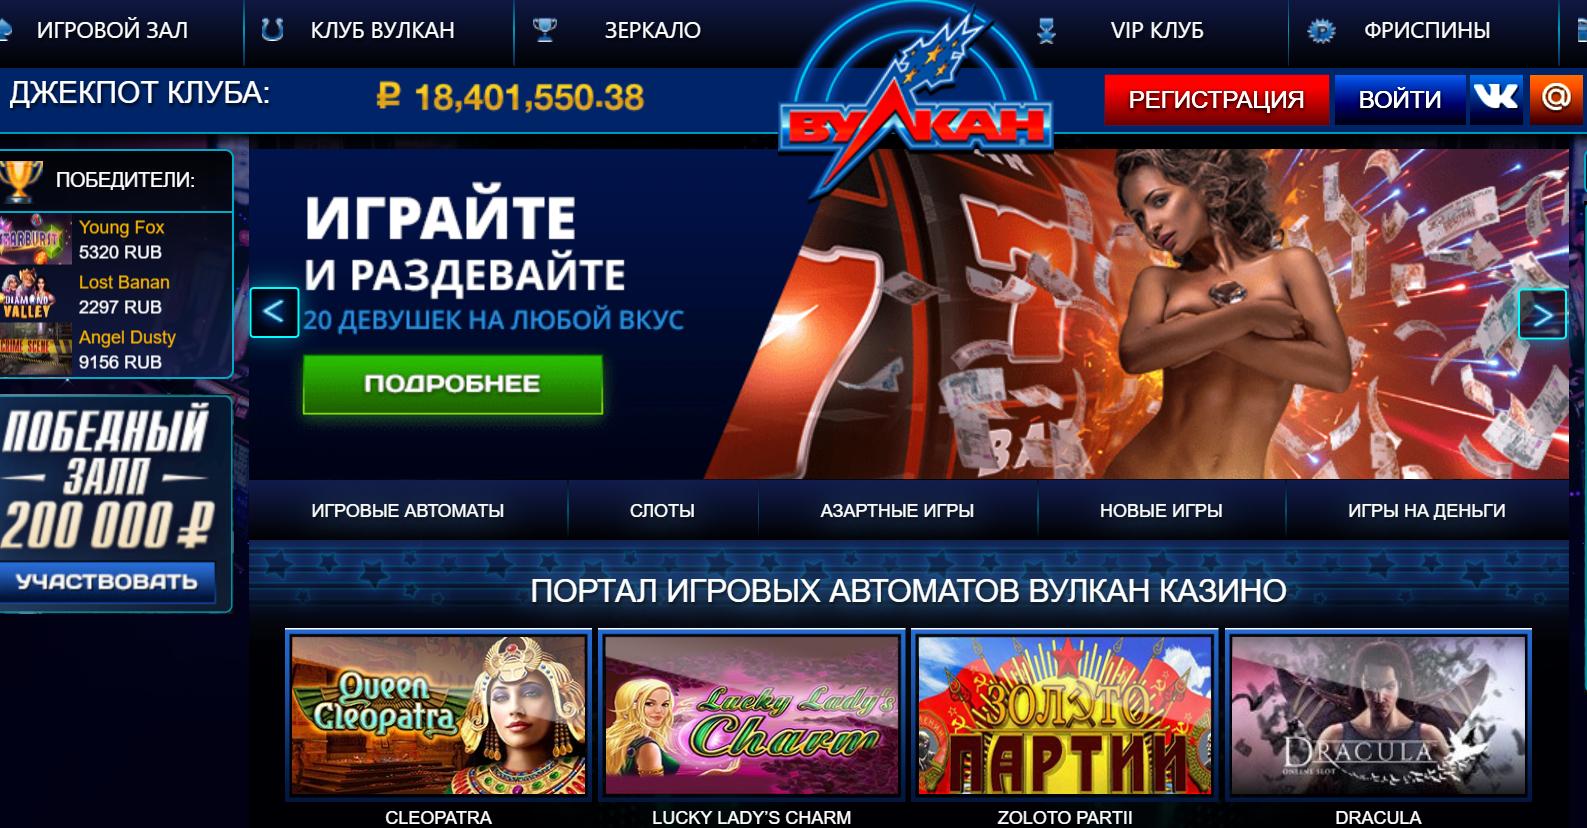 Выбор надежного казино Вулкан  – первый шаг к успешной игре!